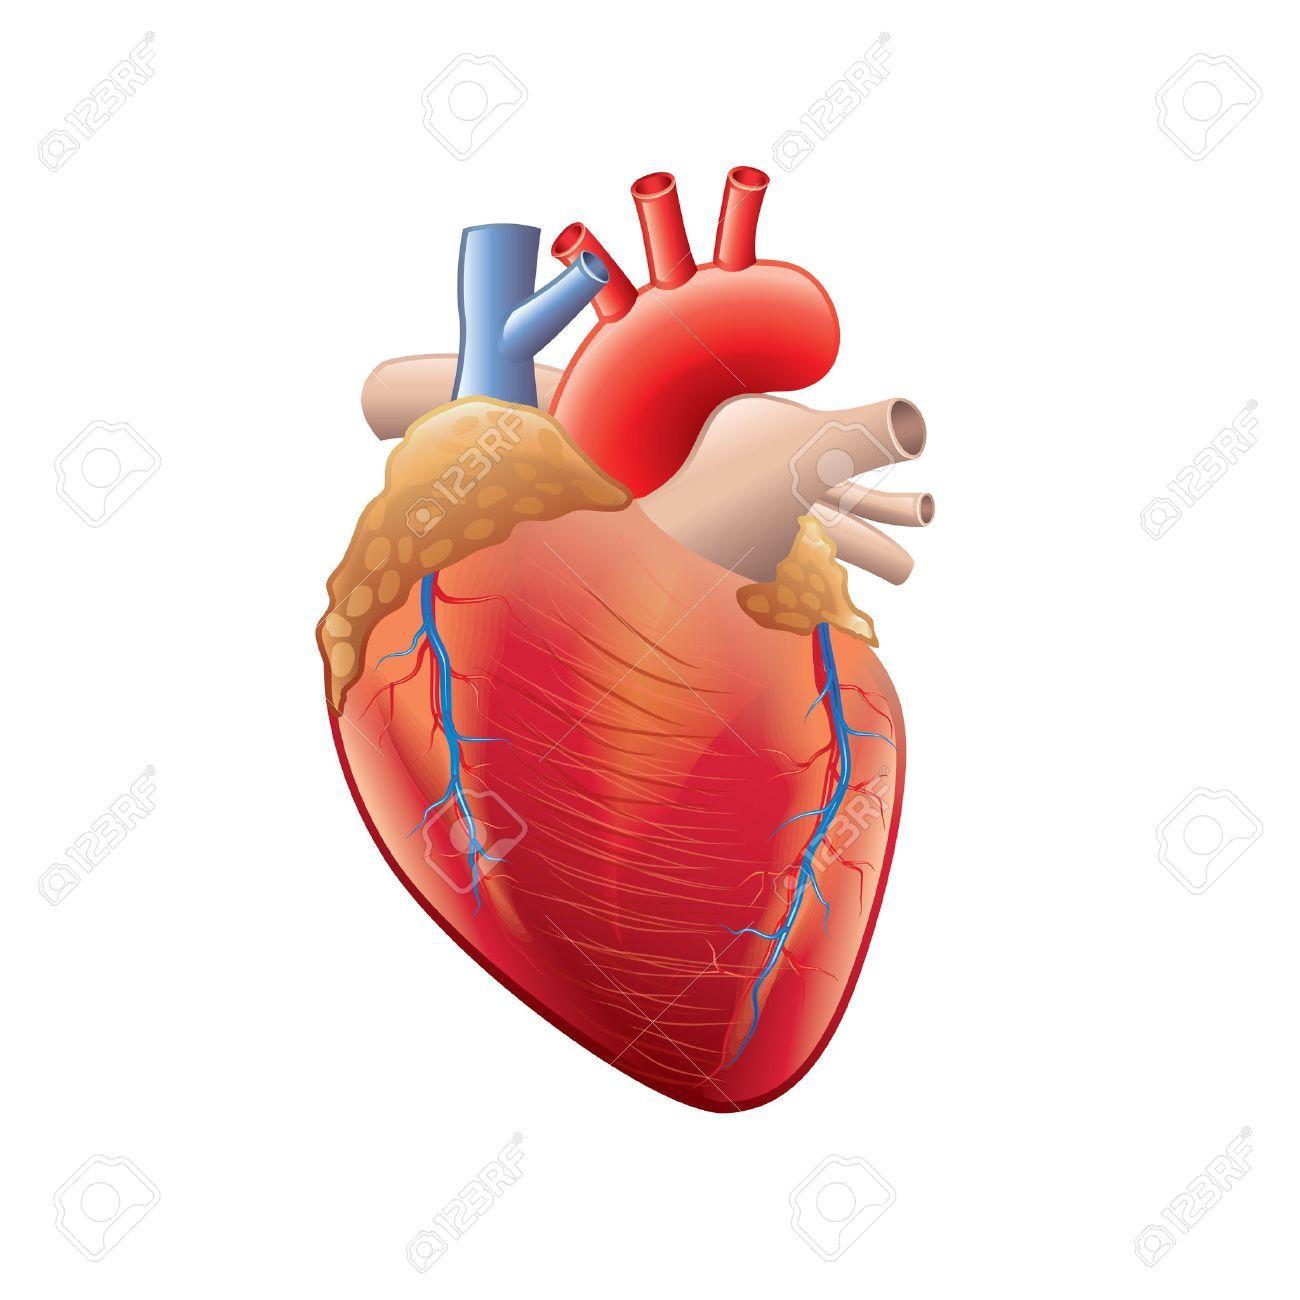 Resultat De Recherche D Images Pour Coeur Humain Human Heart Anatomy Human Heart Heart Anatomy